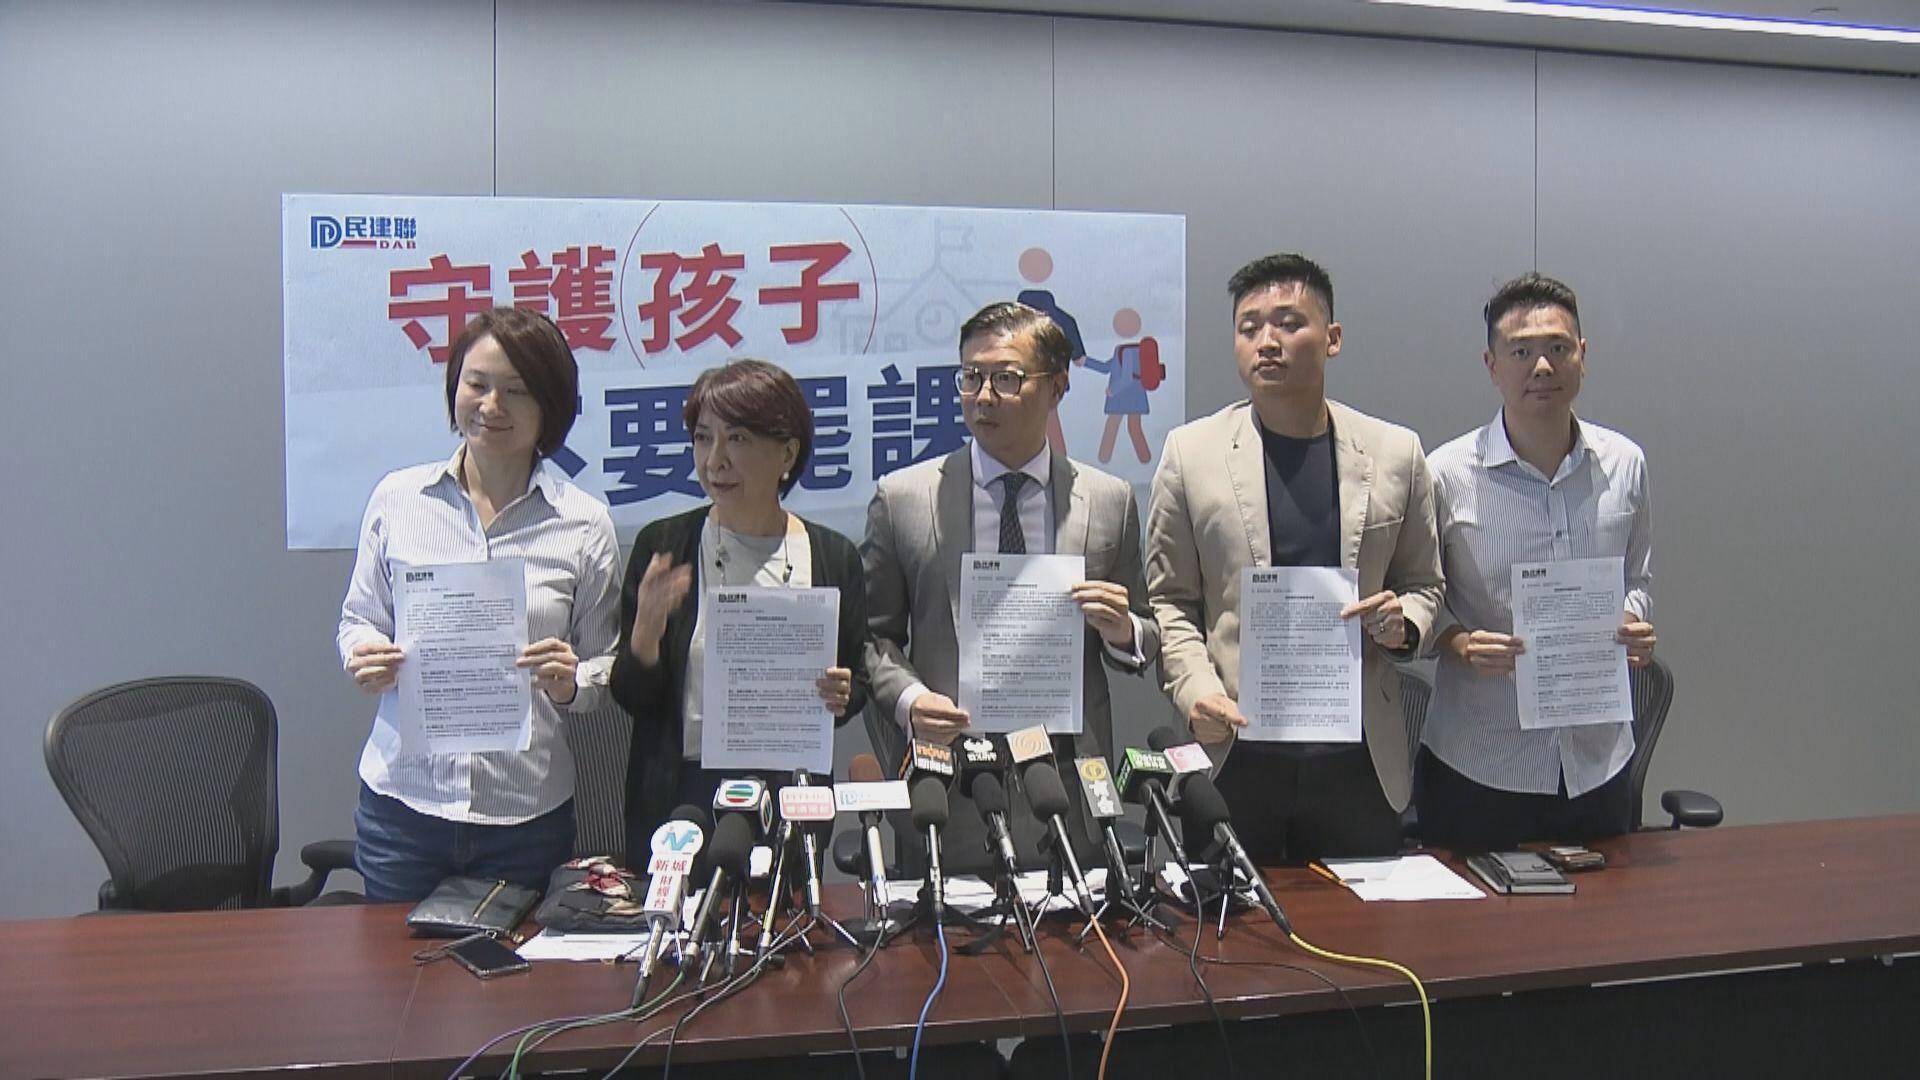 民建聯引述教育局指無學校表示支持罷課